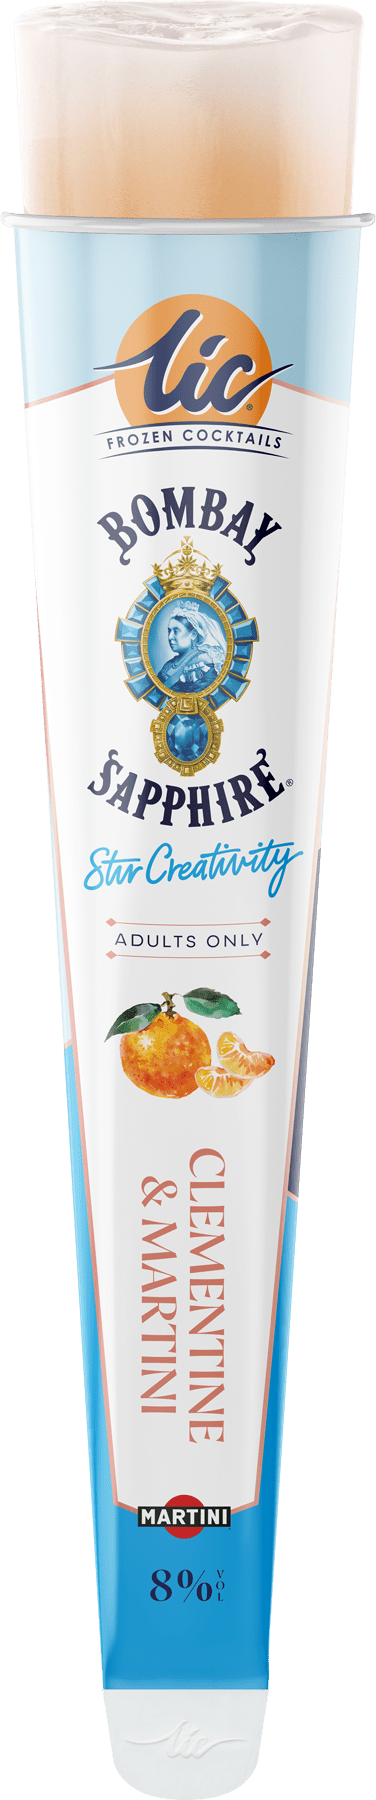 Clementine & Martini: Bombay Sapphire